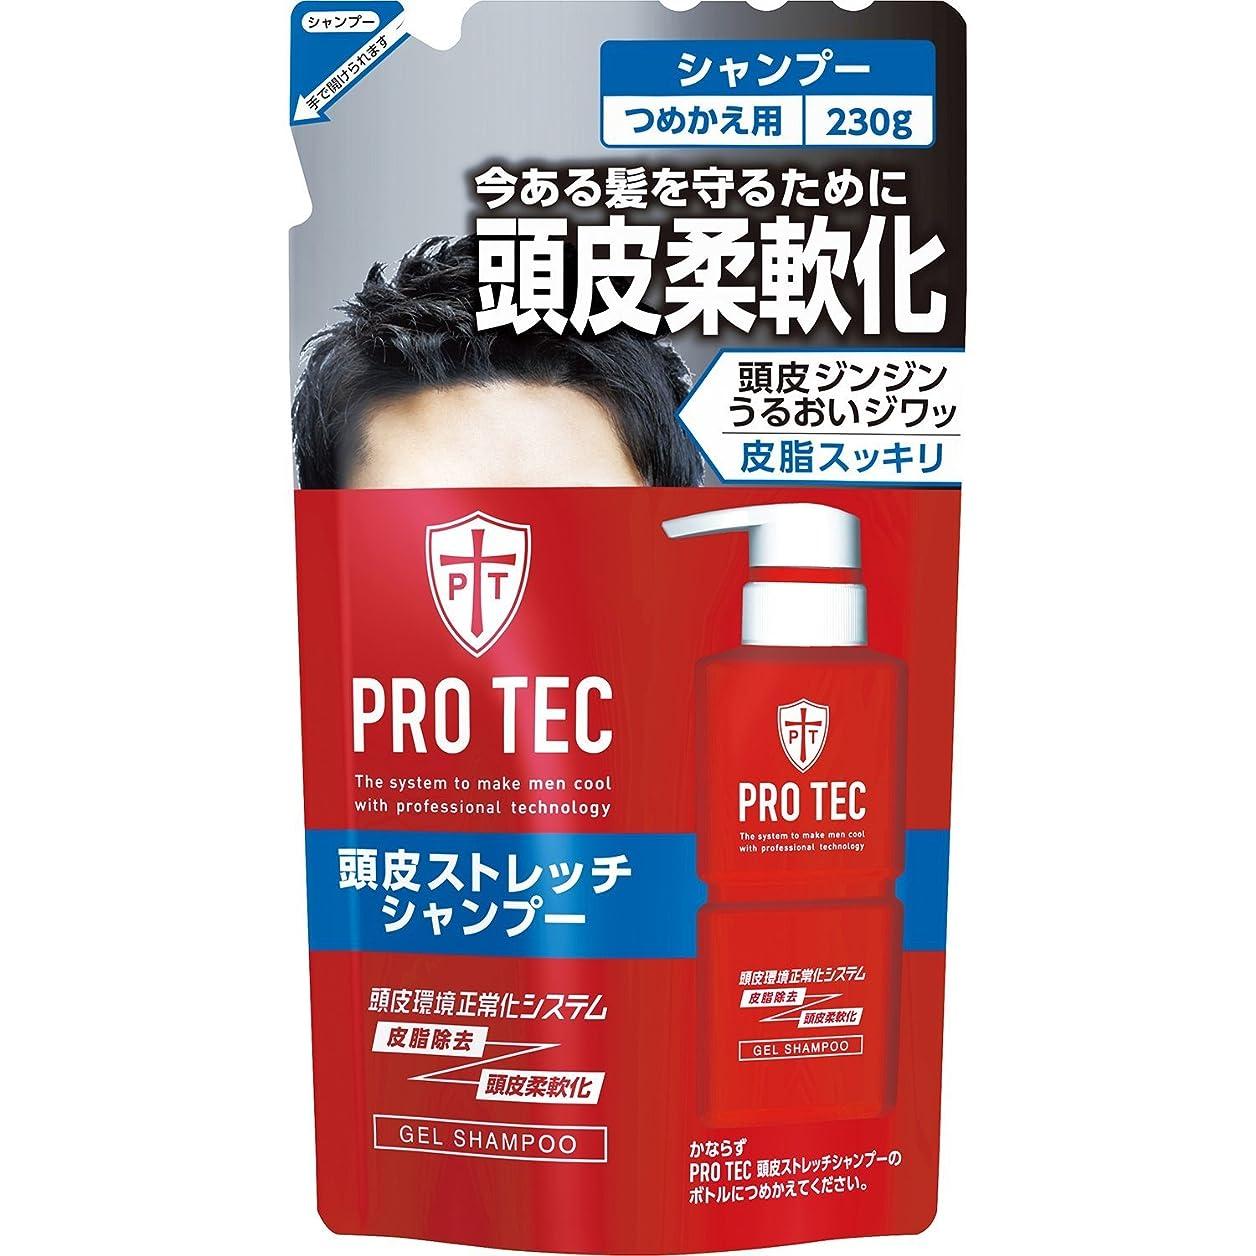 冊子口妥協PRO TEC(プロテク) 頭皮ストレッチ シャンプー 詰め替え 230g(医薬部外品)